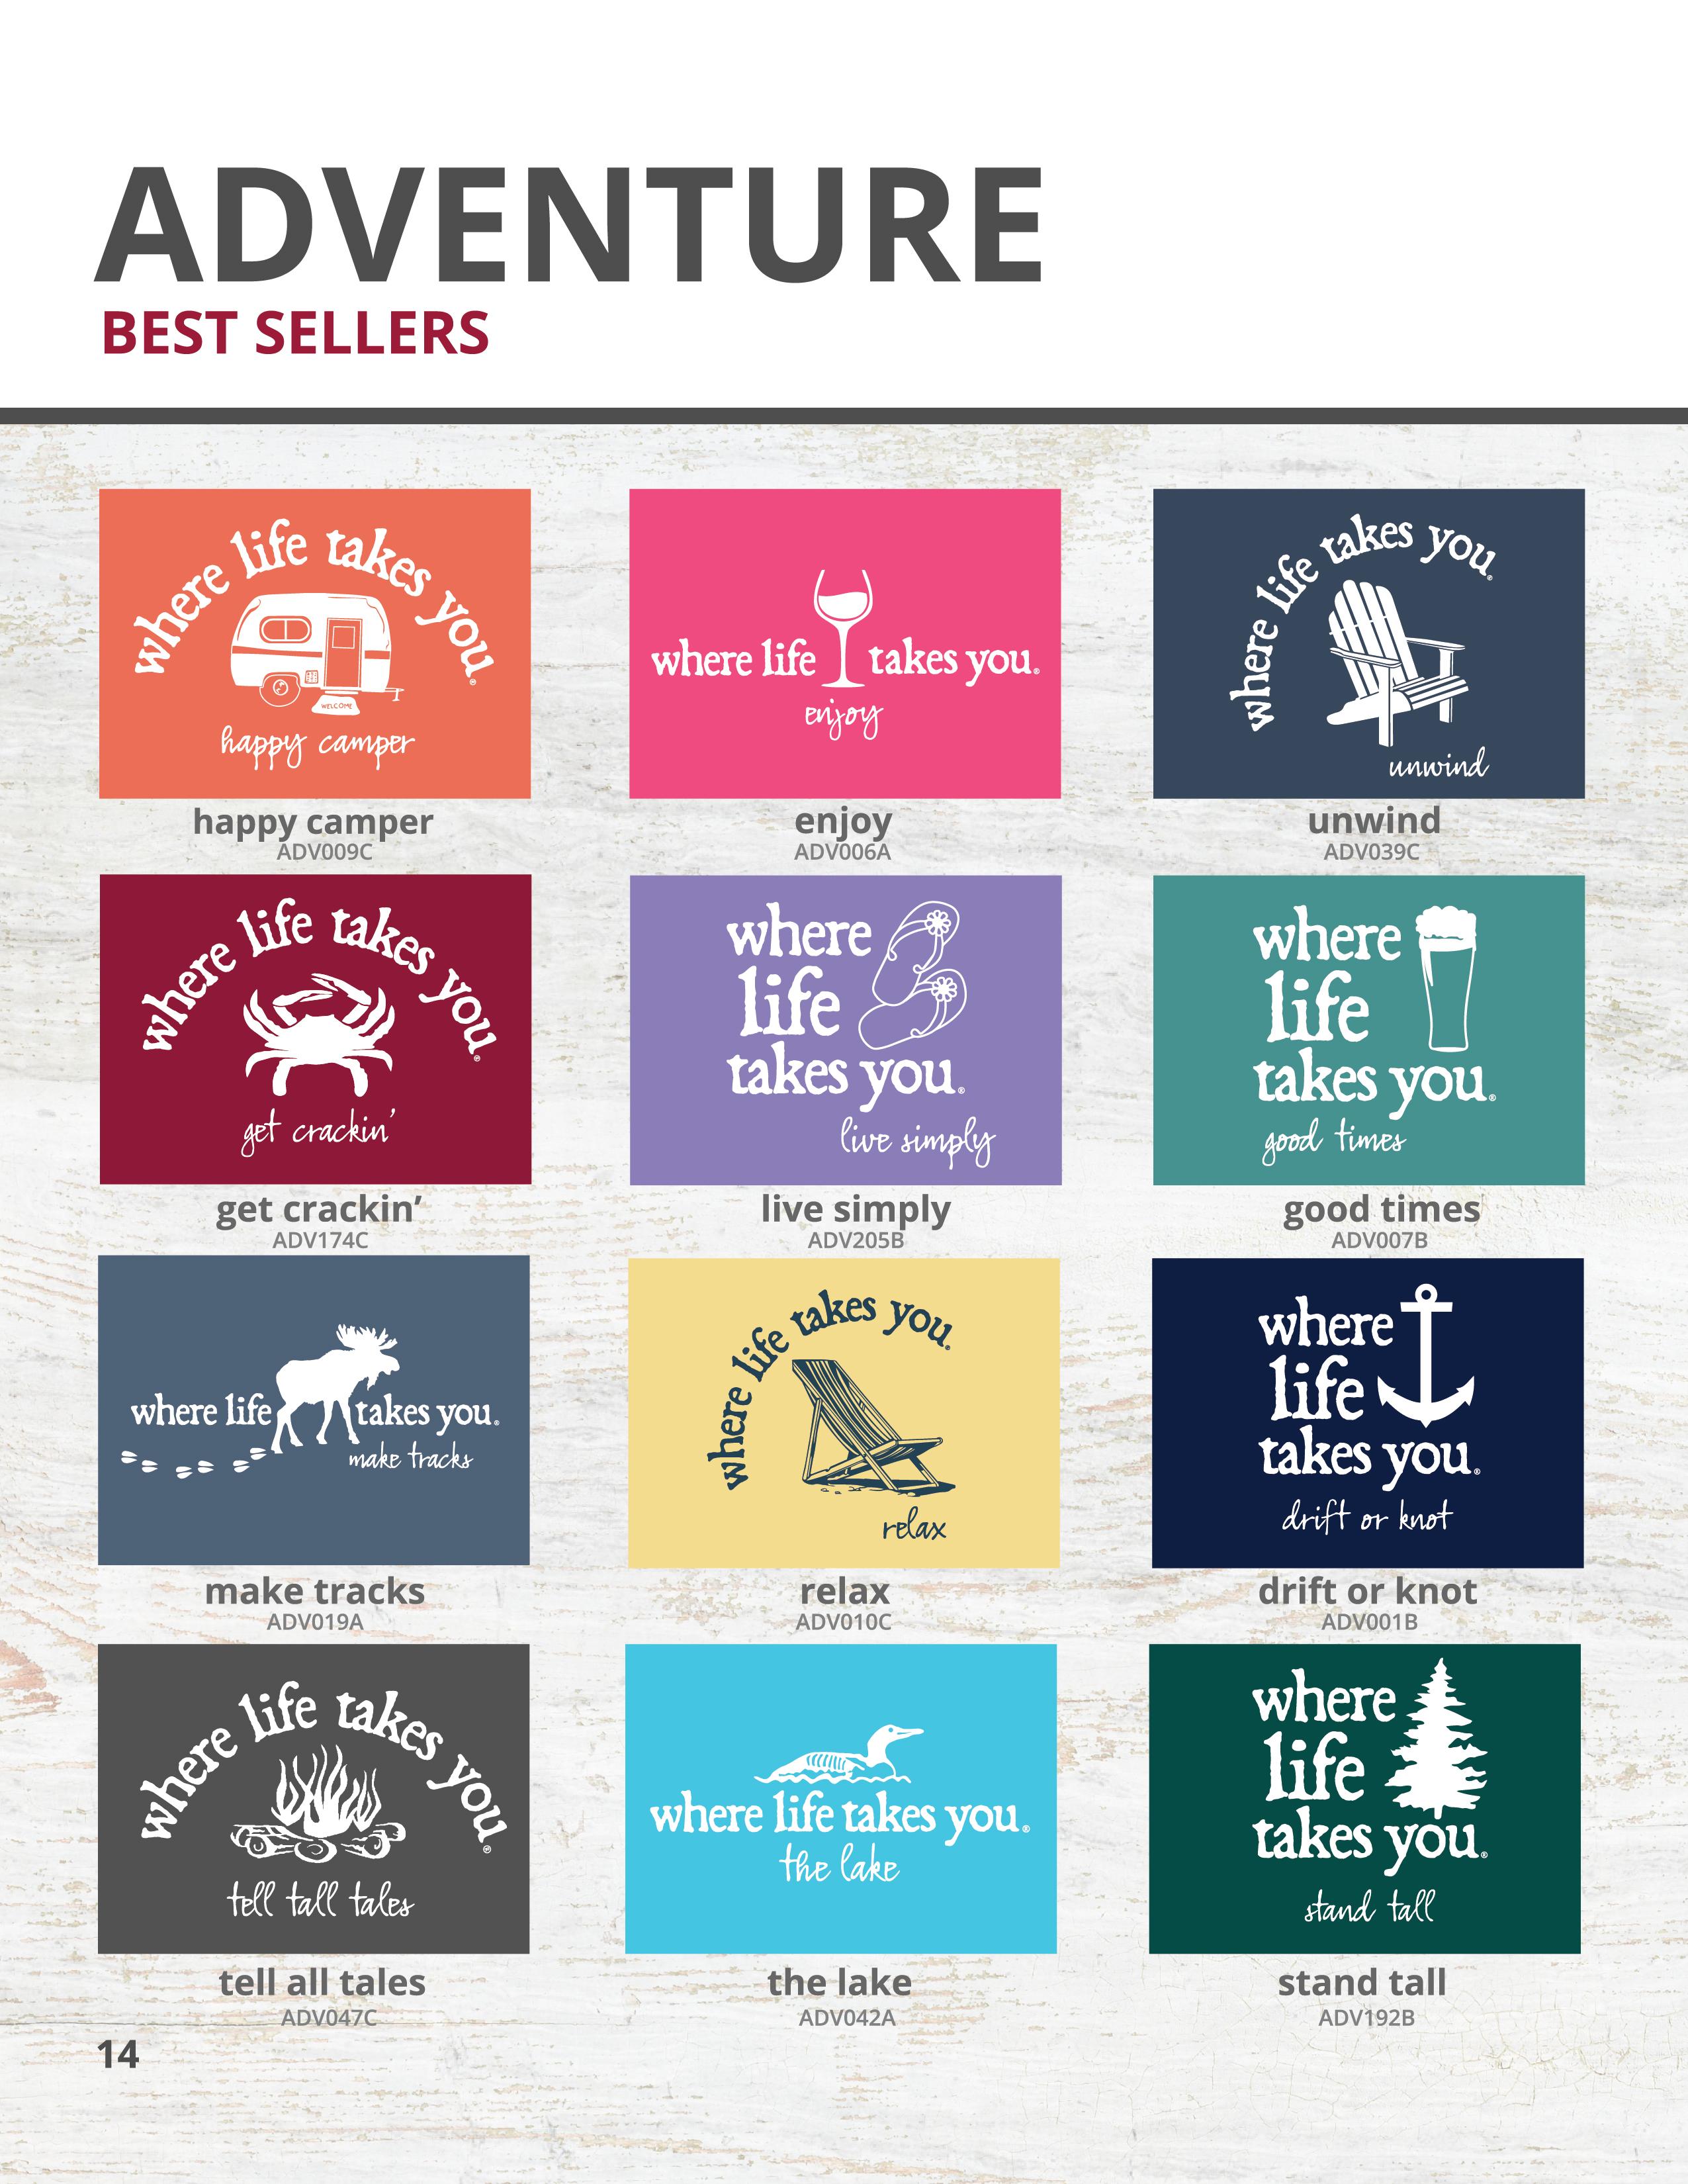 14-adv-best-sellers-01.jpg